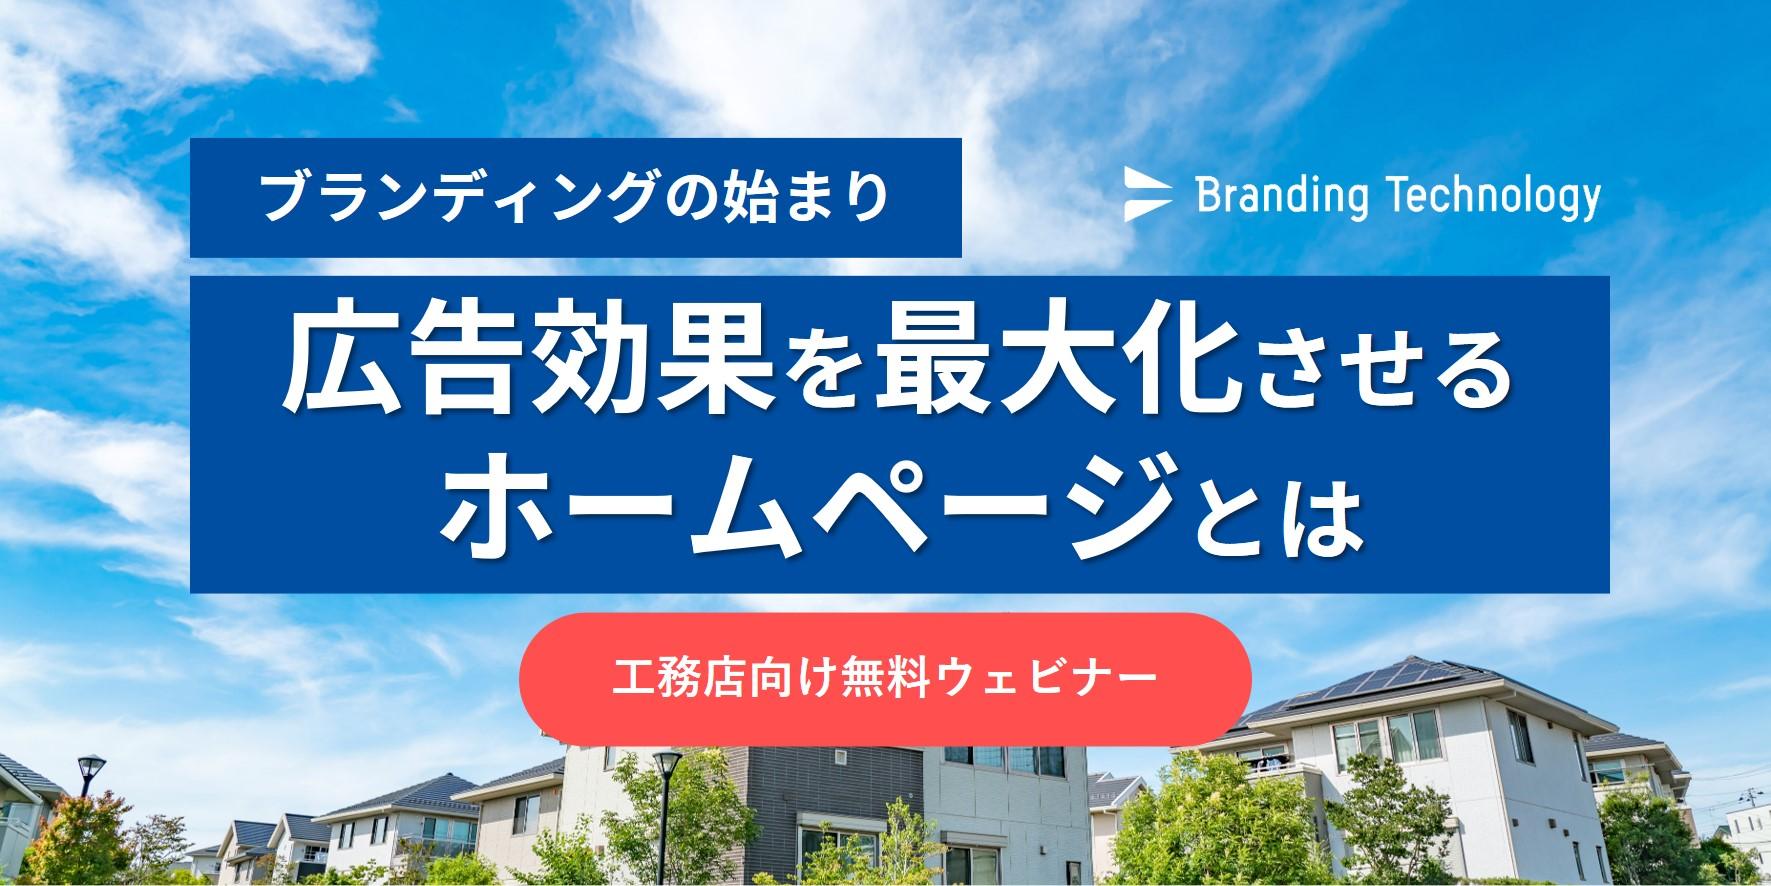 ブランディングの始まり!広告効果を最大化させるホームページとは